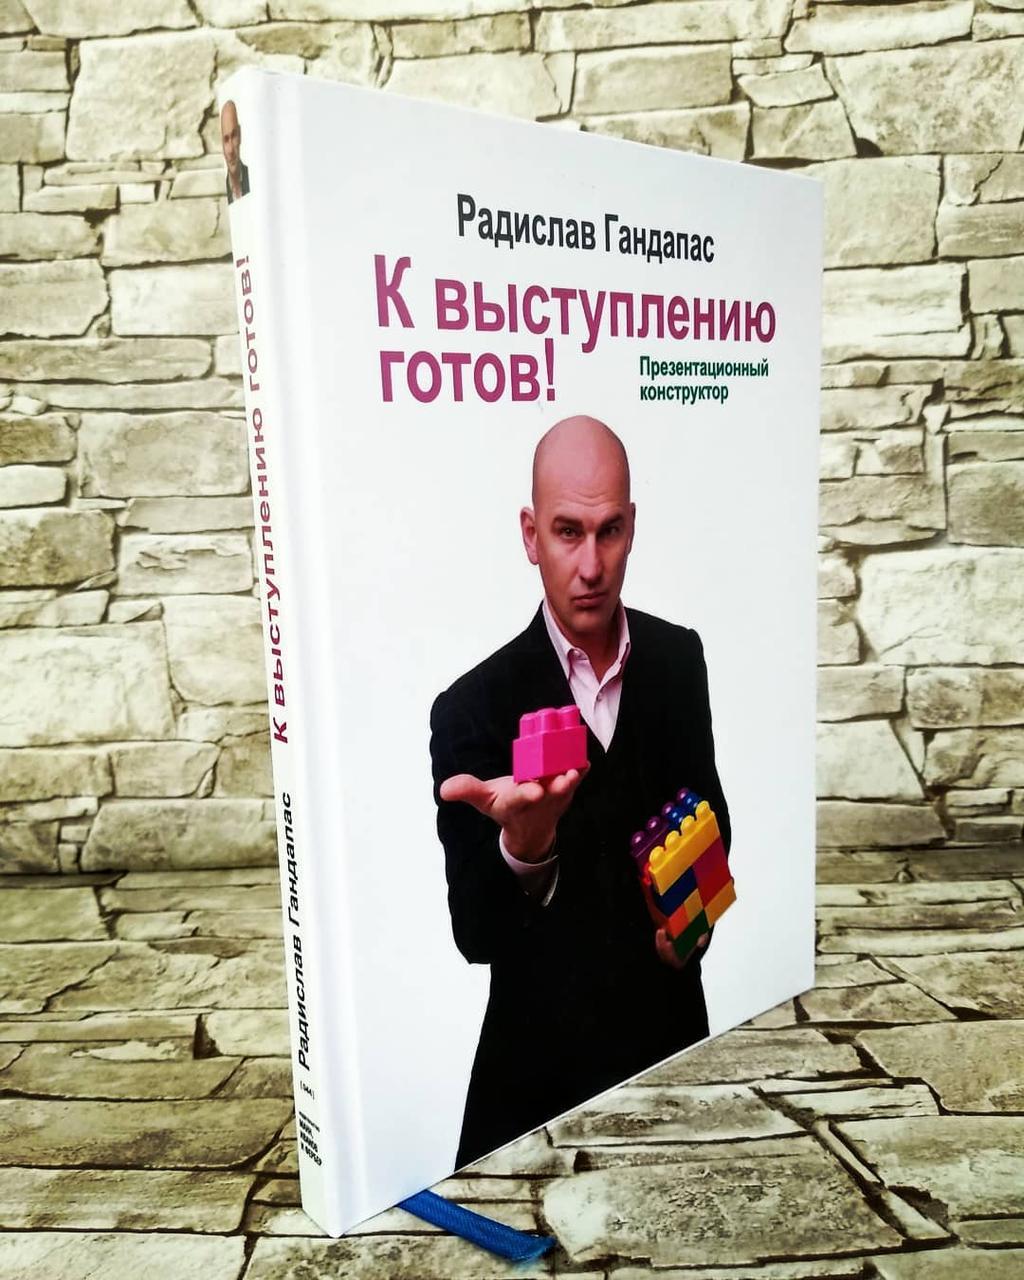 """Книга """"К выступлению готов!"""" Презентационный конструктор Радислав Гандапас"""